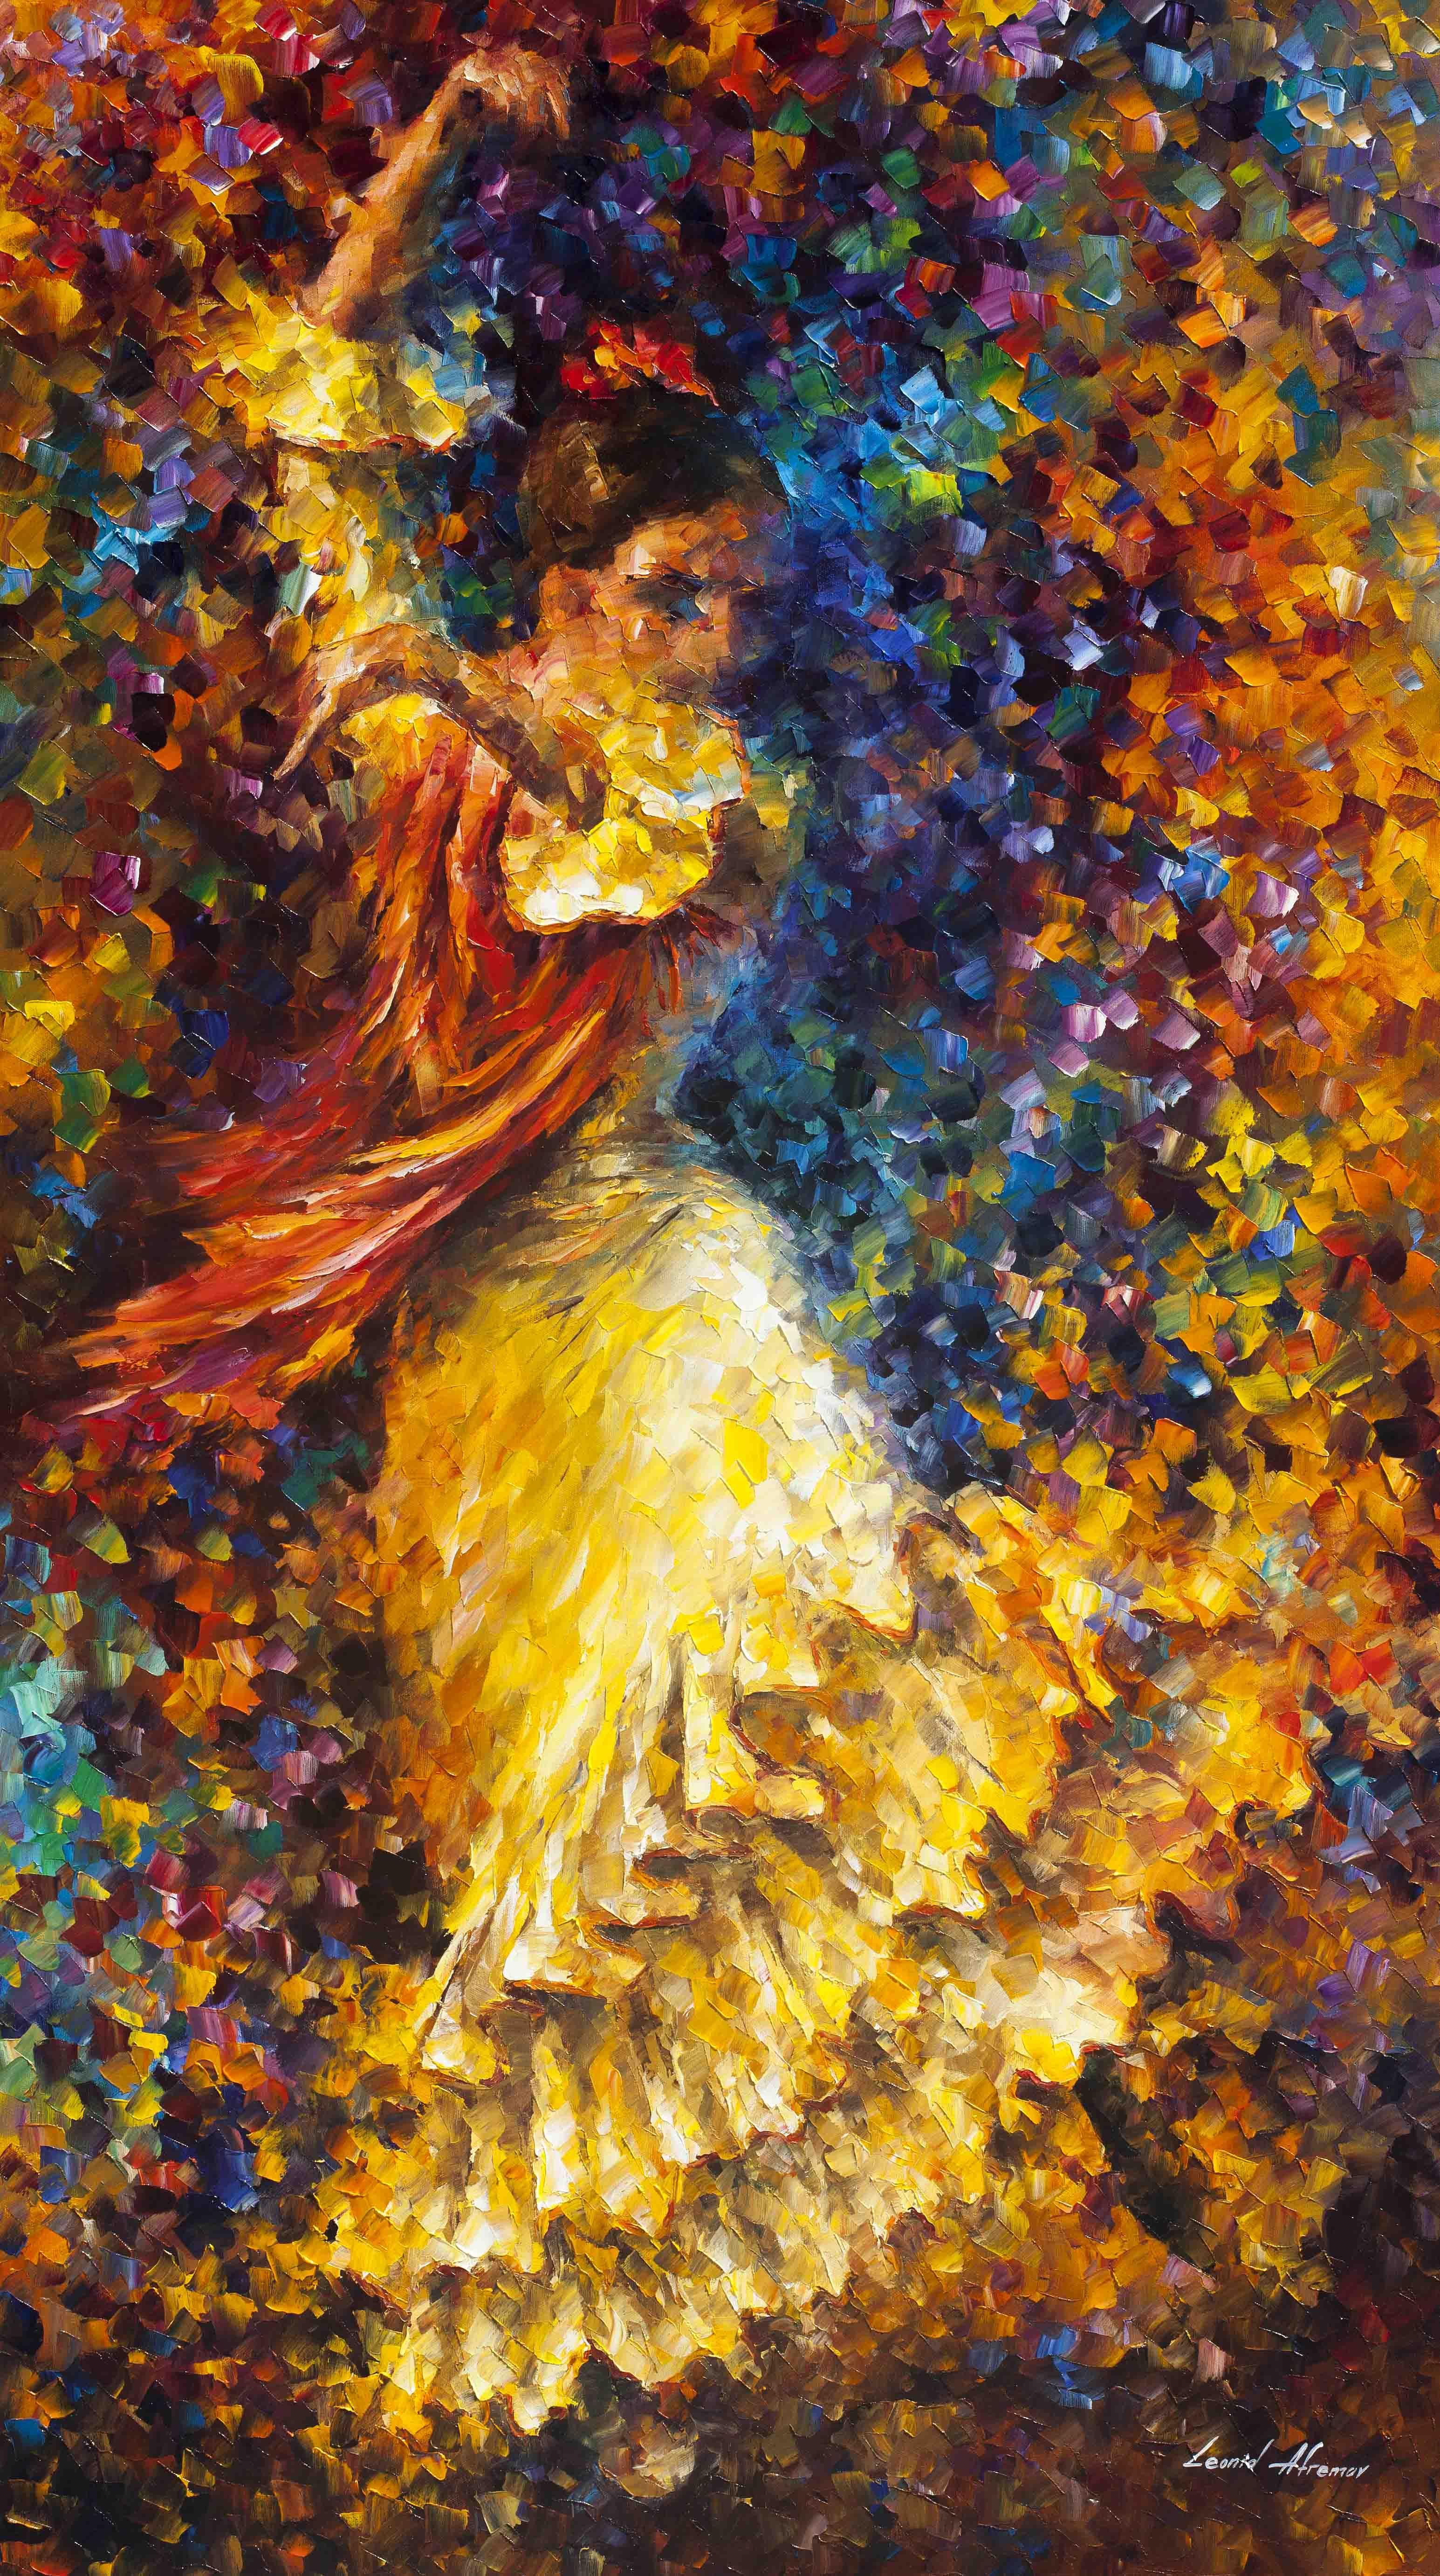 afremov, original, oil, painting, palette knife, impressionist,  impressionism, surreal